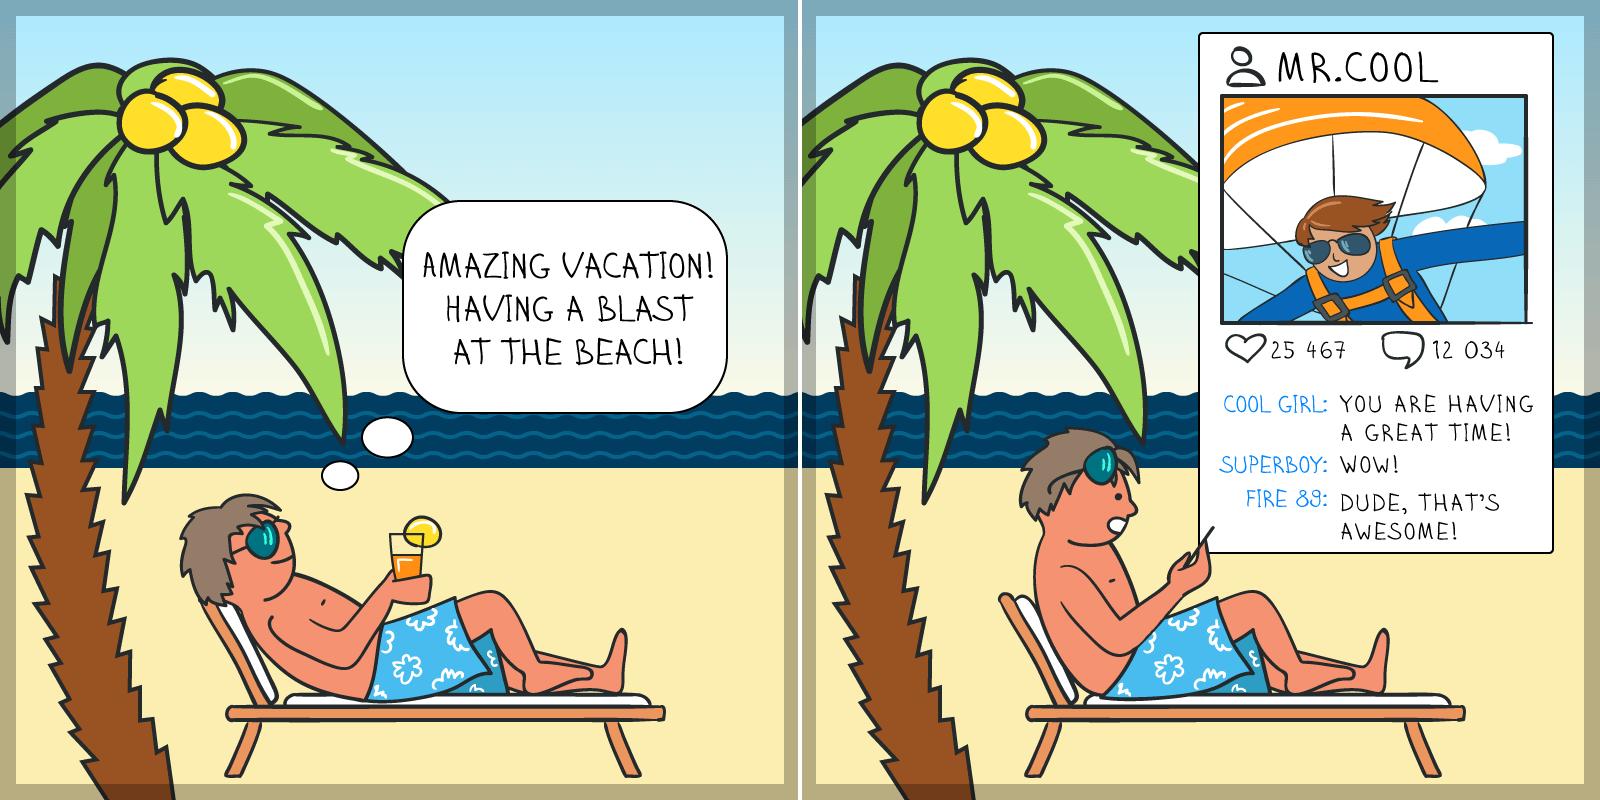 מדיה חבתרית